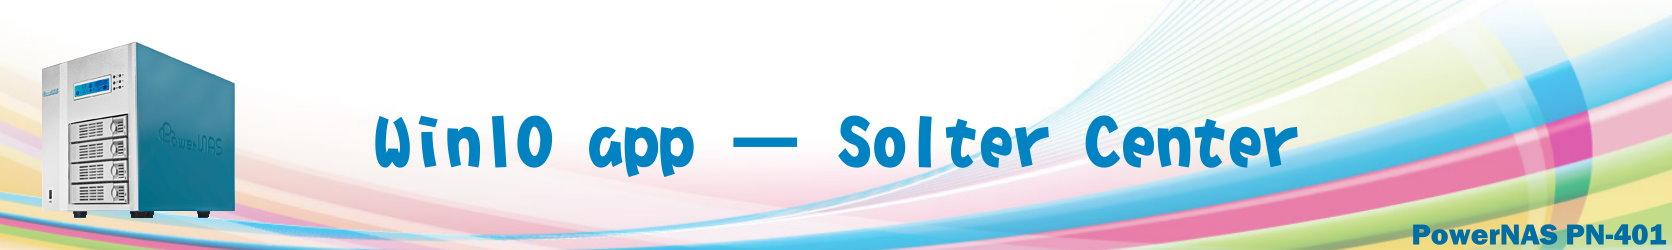 Win10 app ─ Solter Center